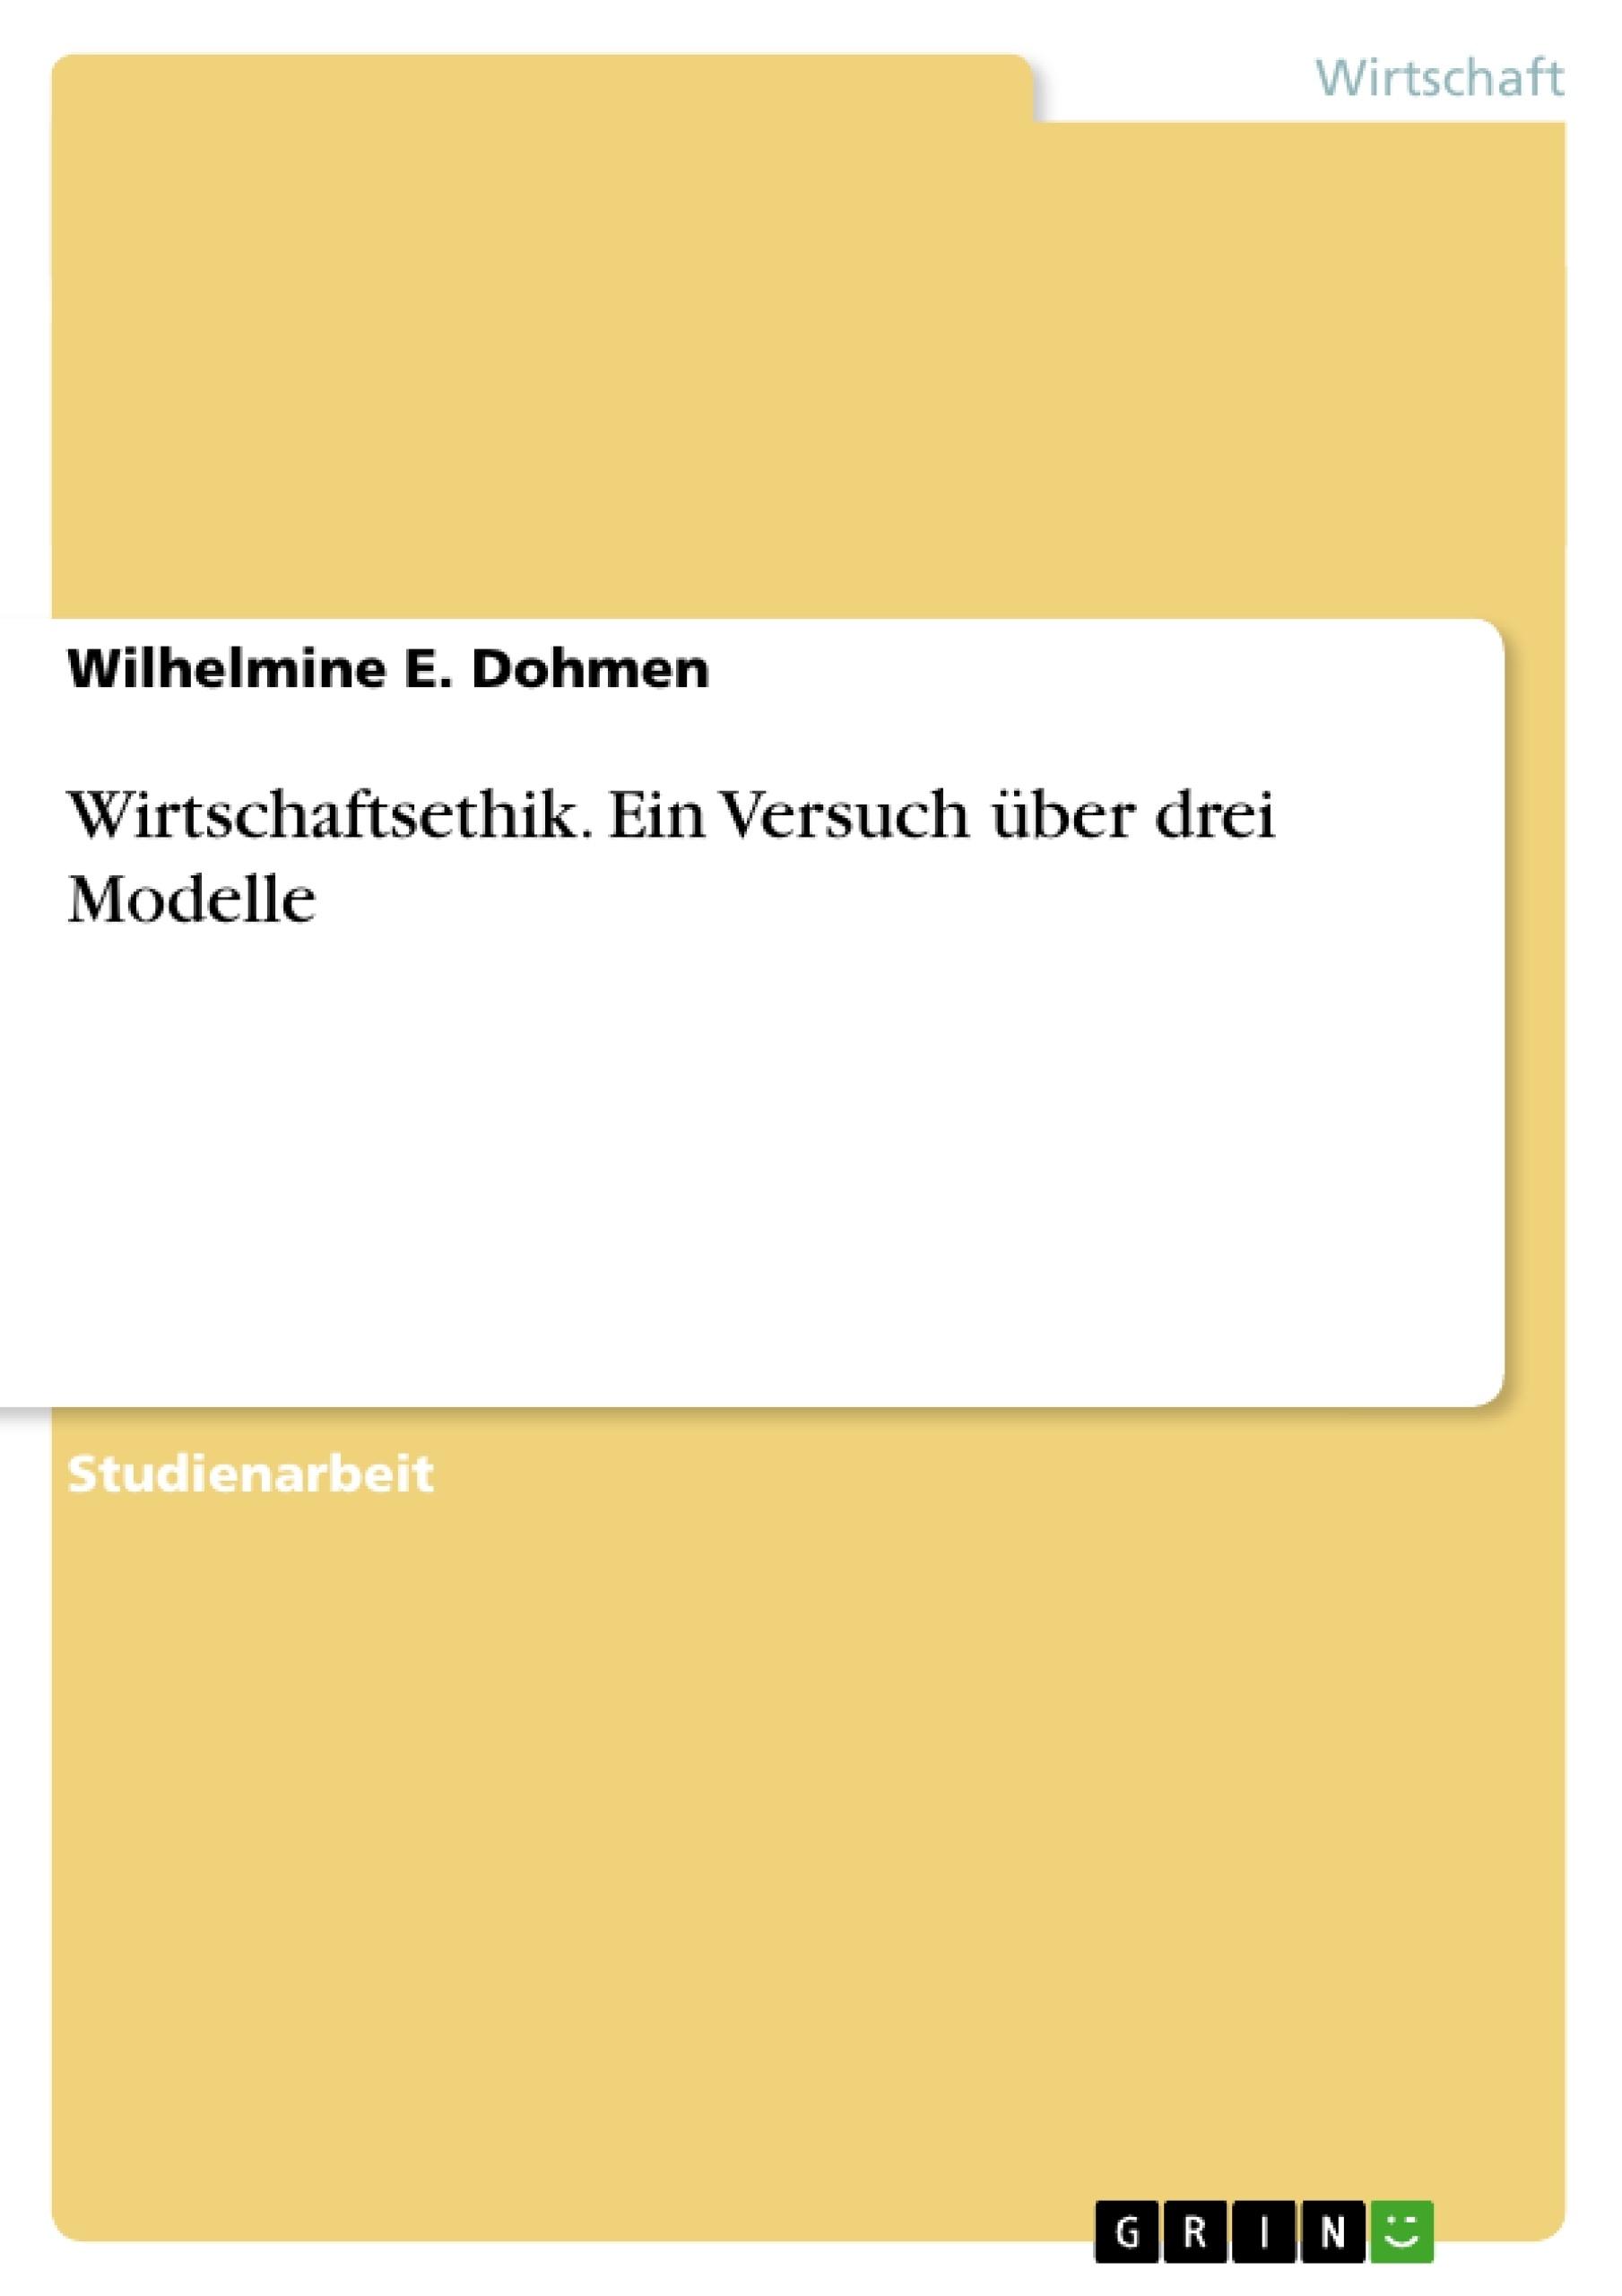 Titel: Wirtschaftsethik. Ein Versuch über drei Modelle